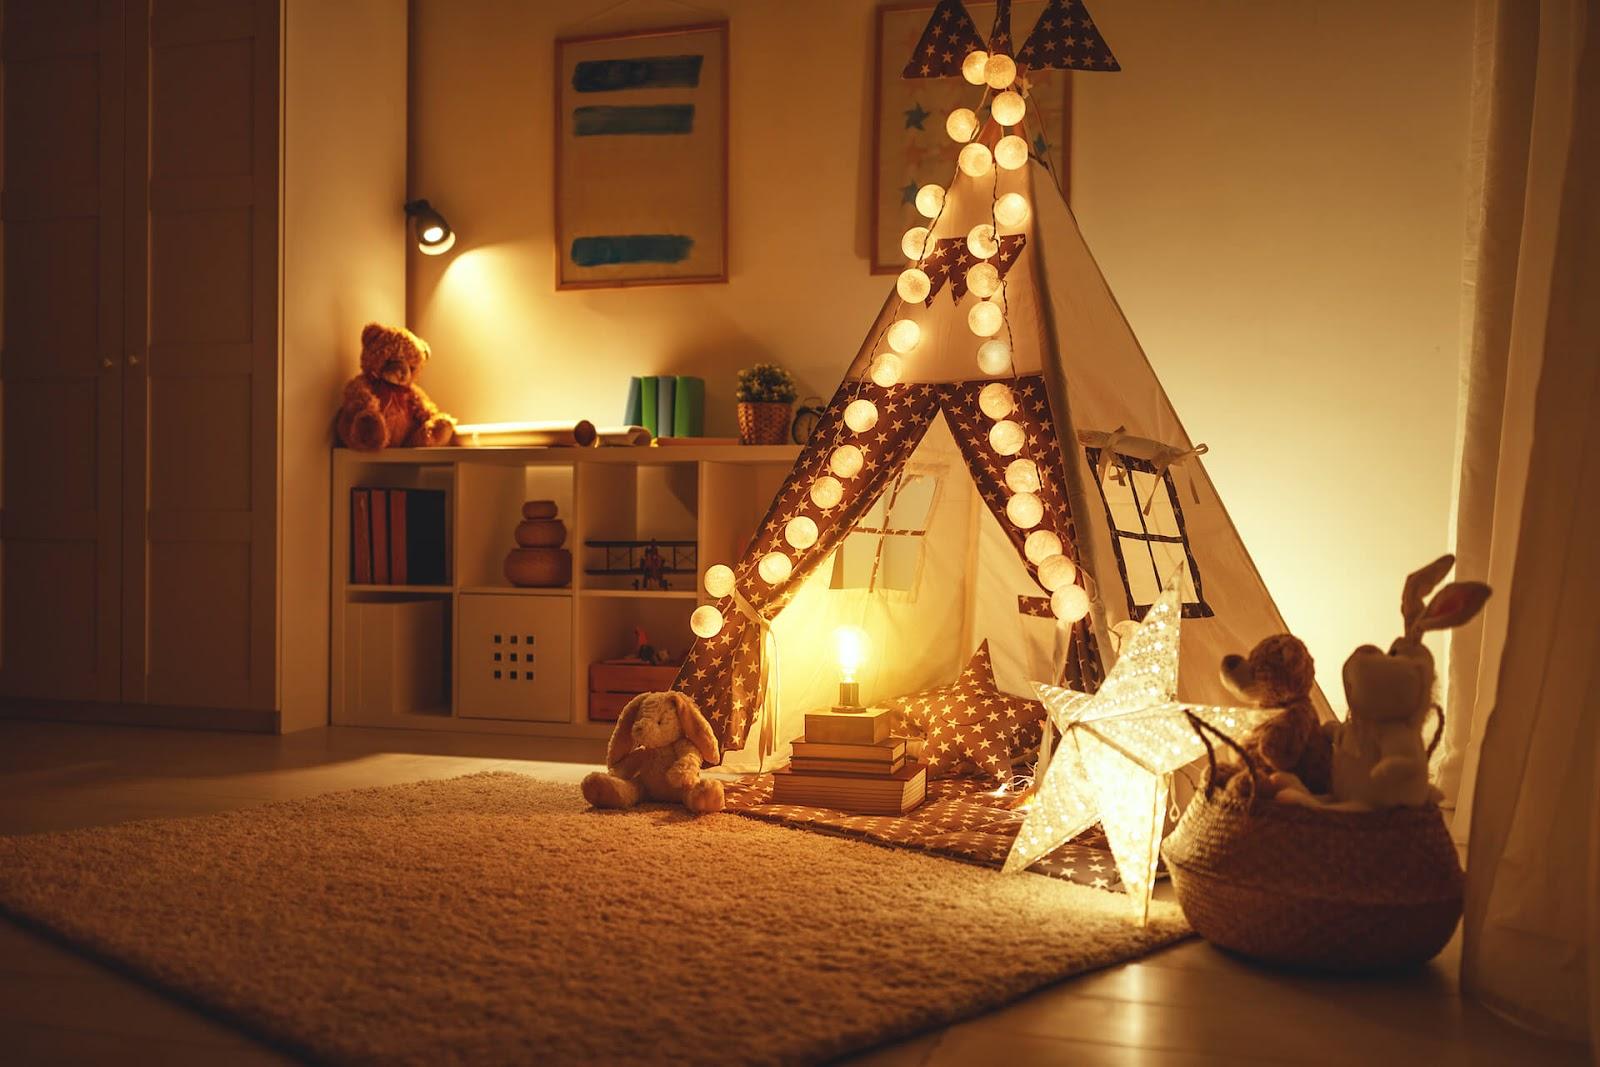 Child's room with night lights around teepee